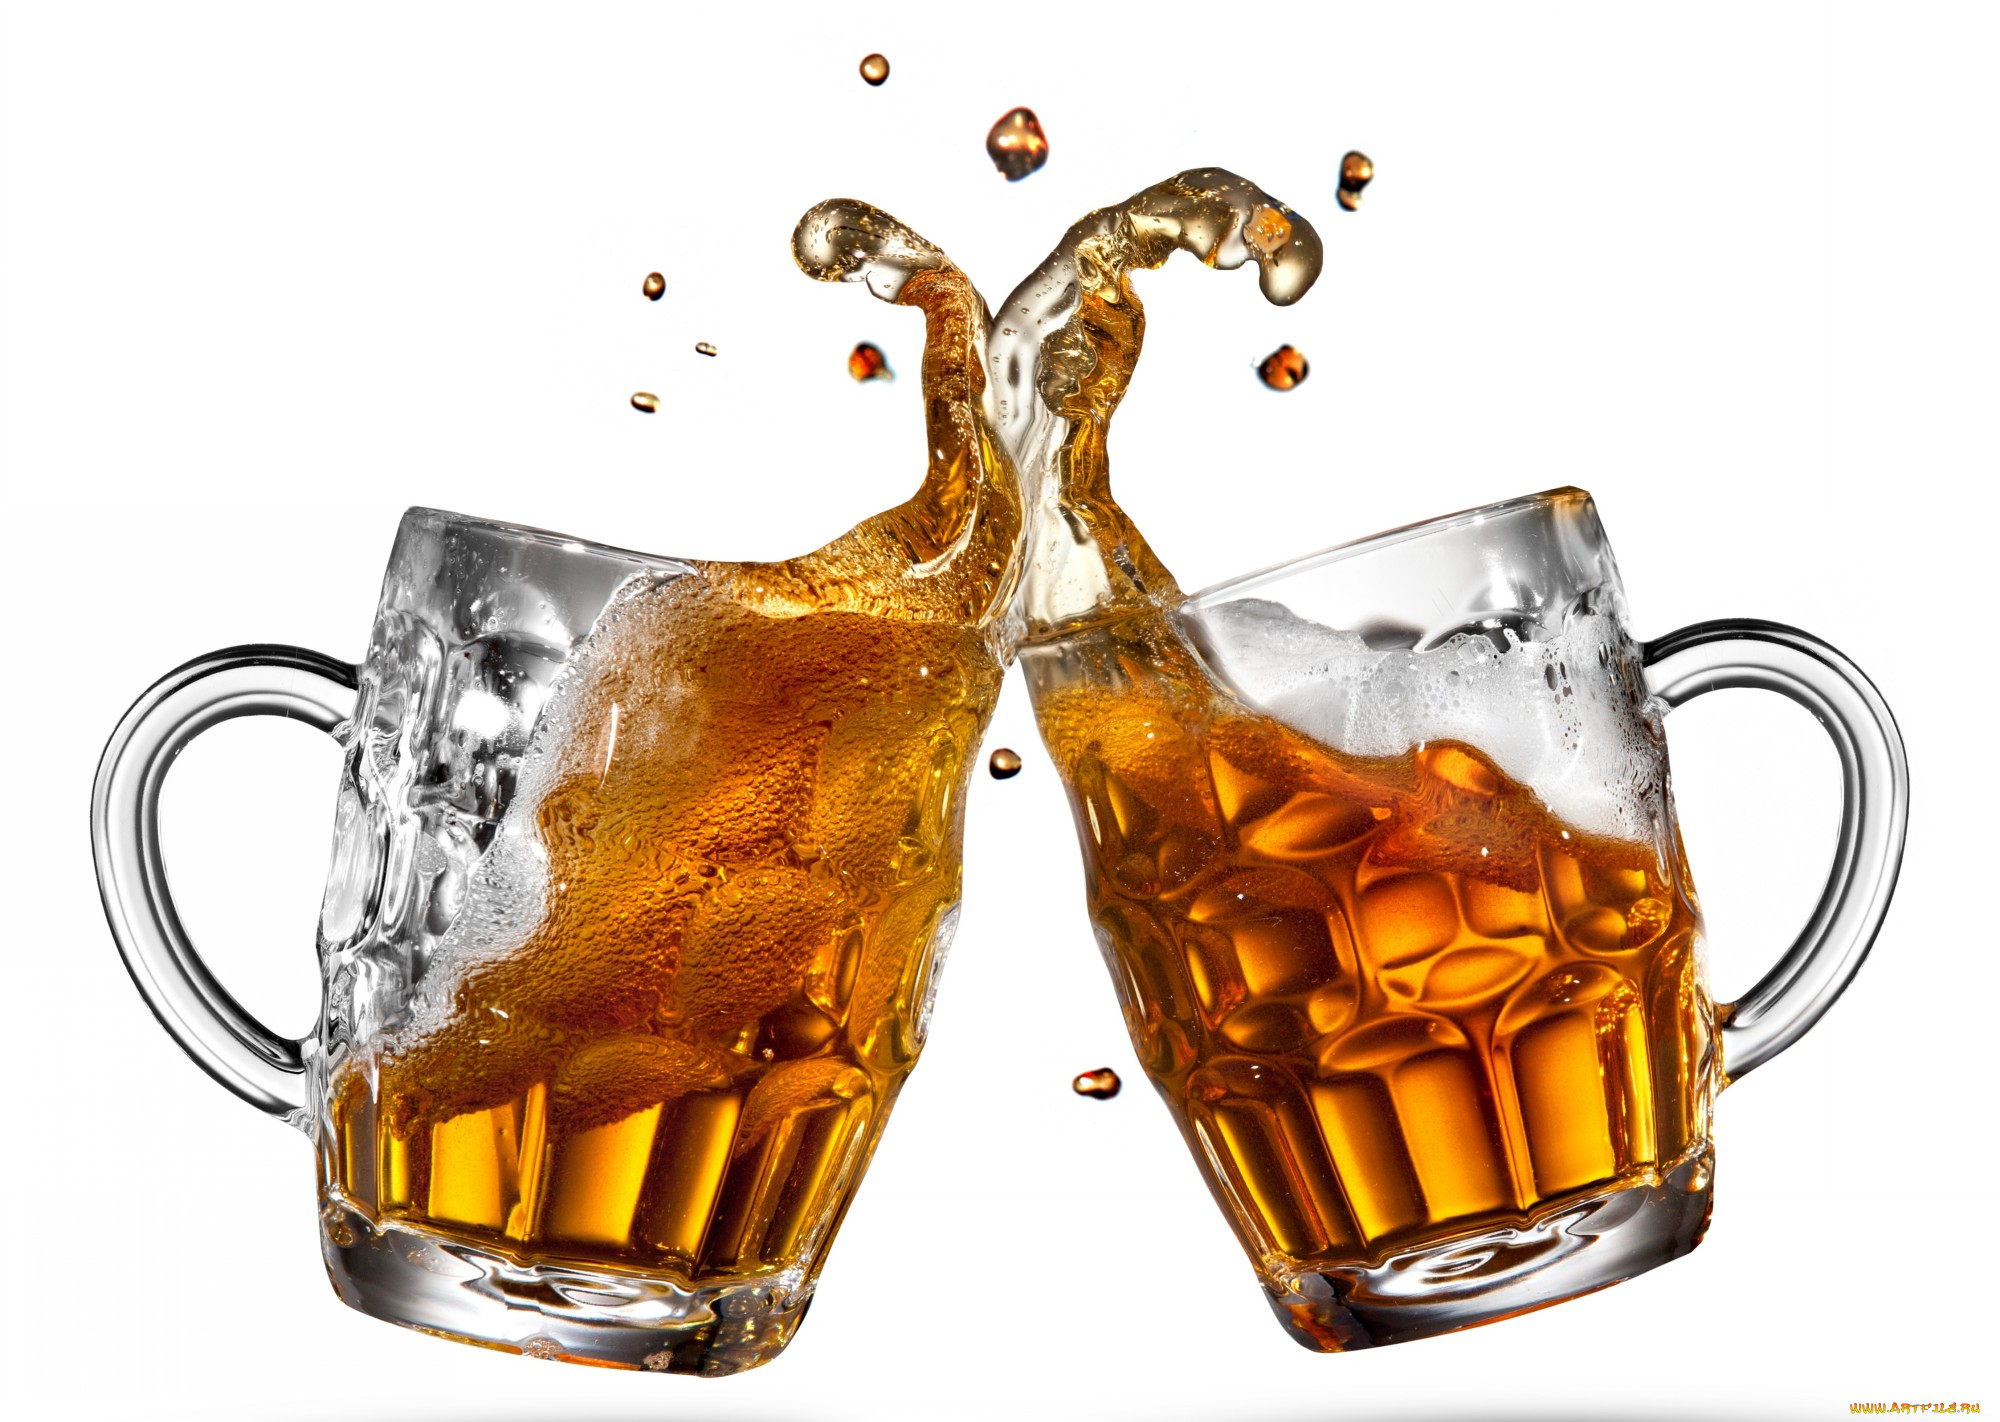 кружка пива прозрачный фон этих